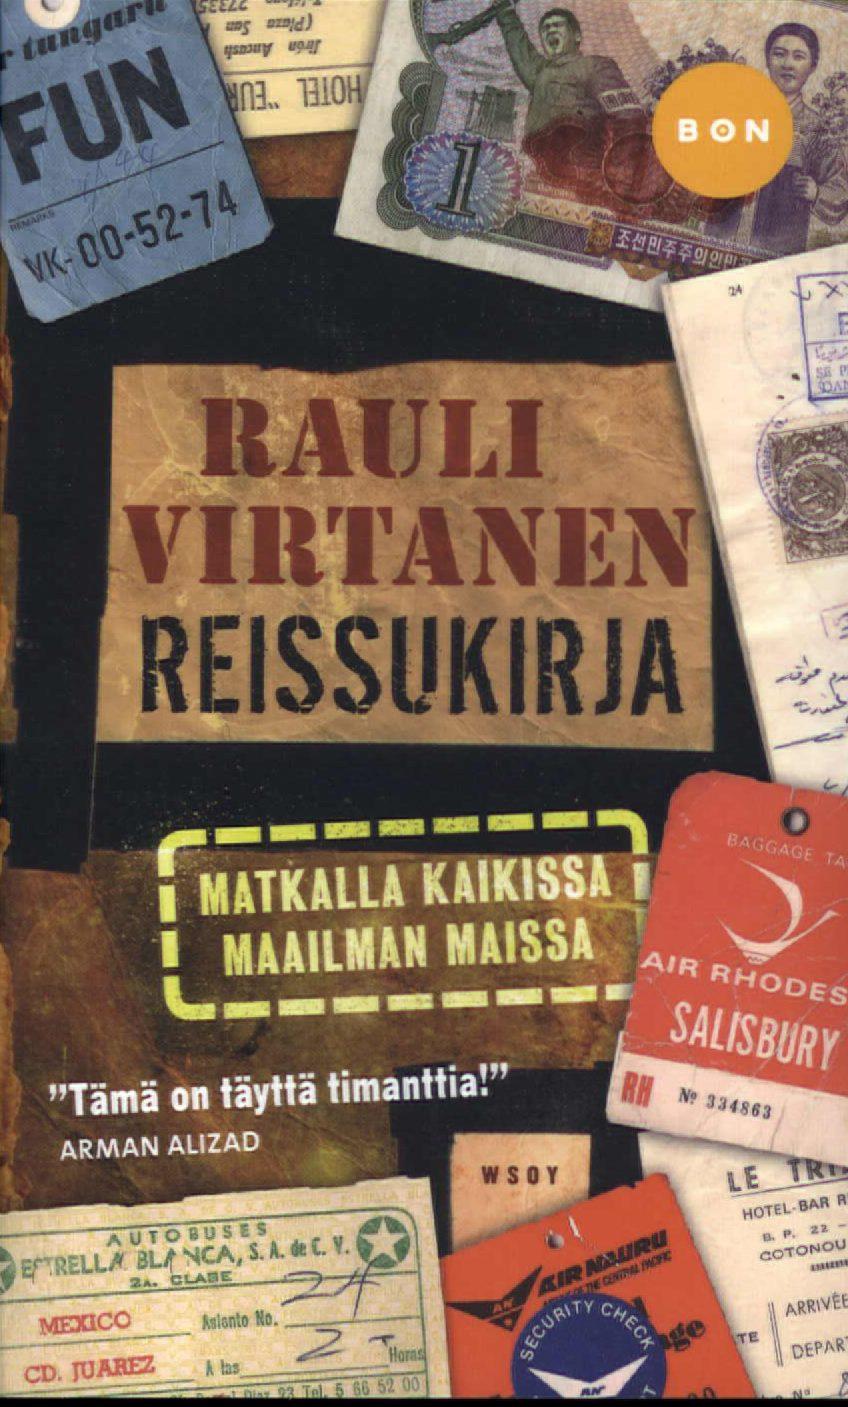 Virtanen, Rauli: Reissukirja - Matkalla kaikissa maailman maissa